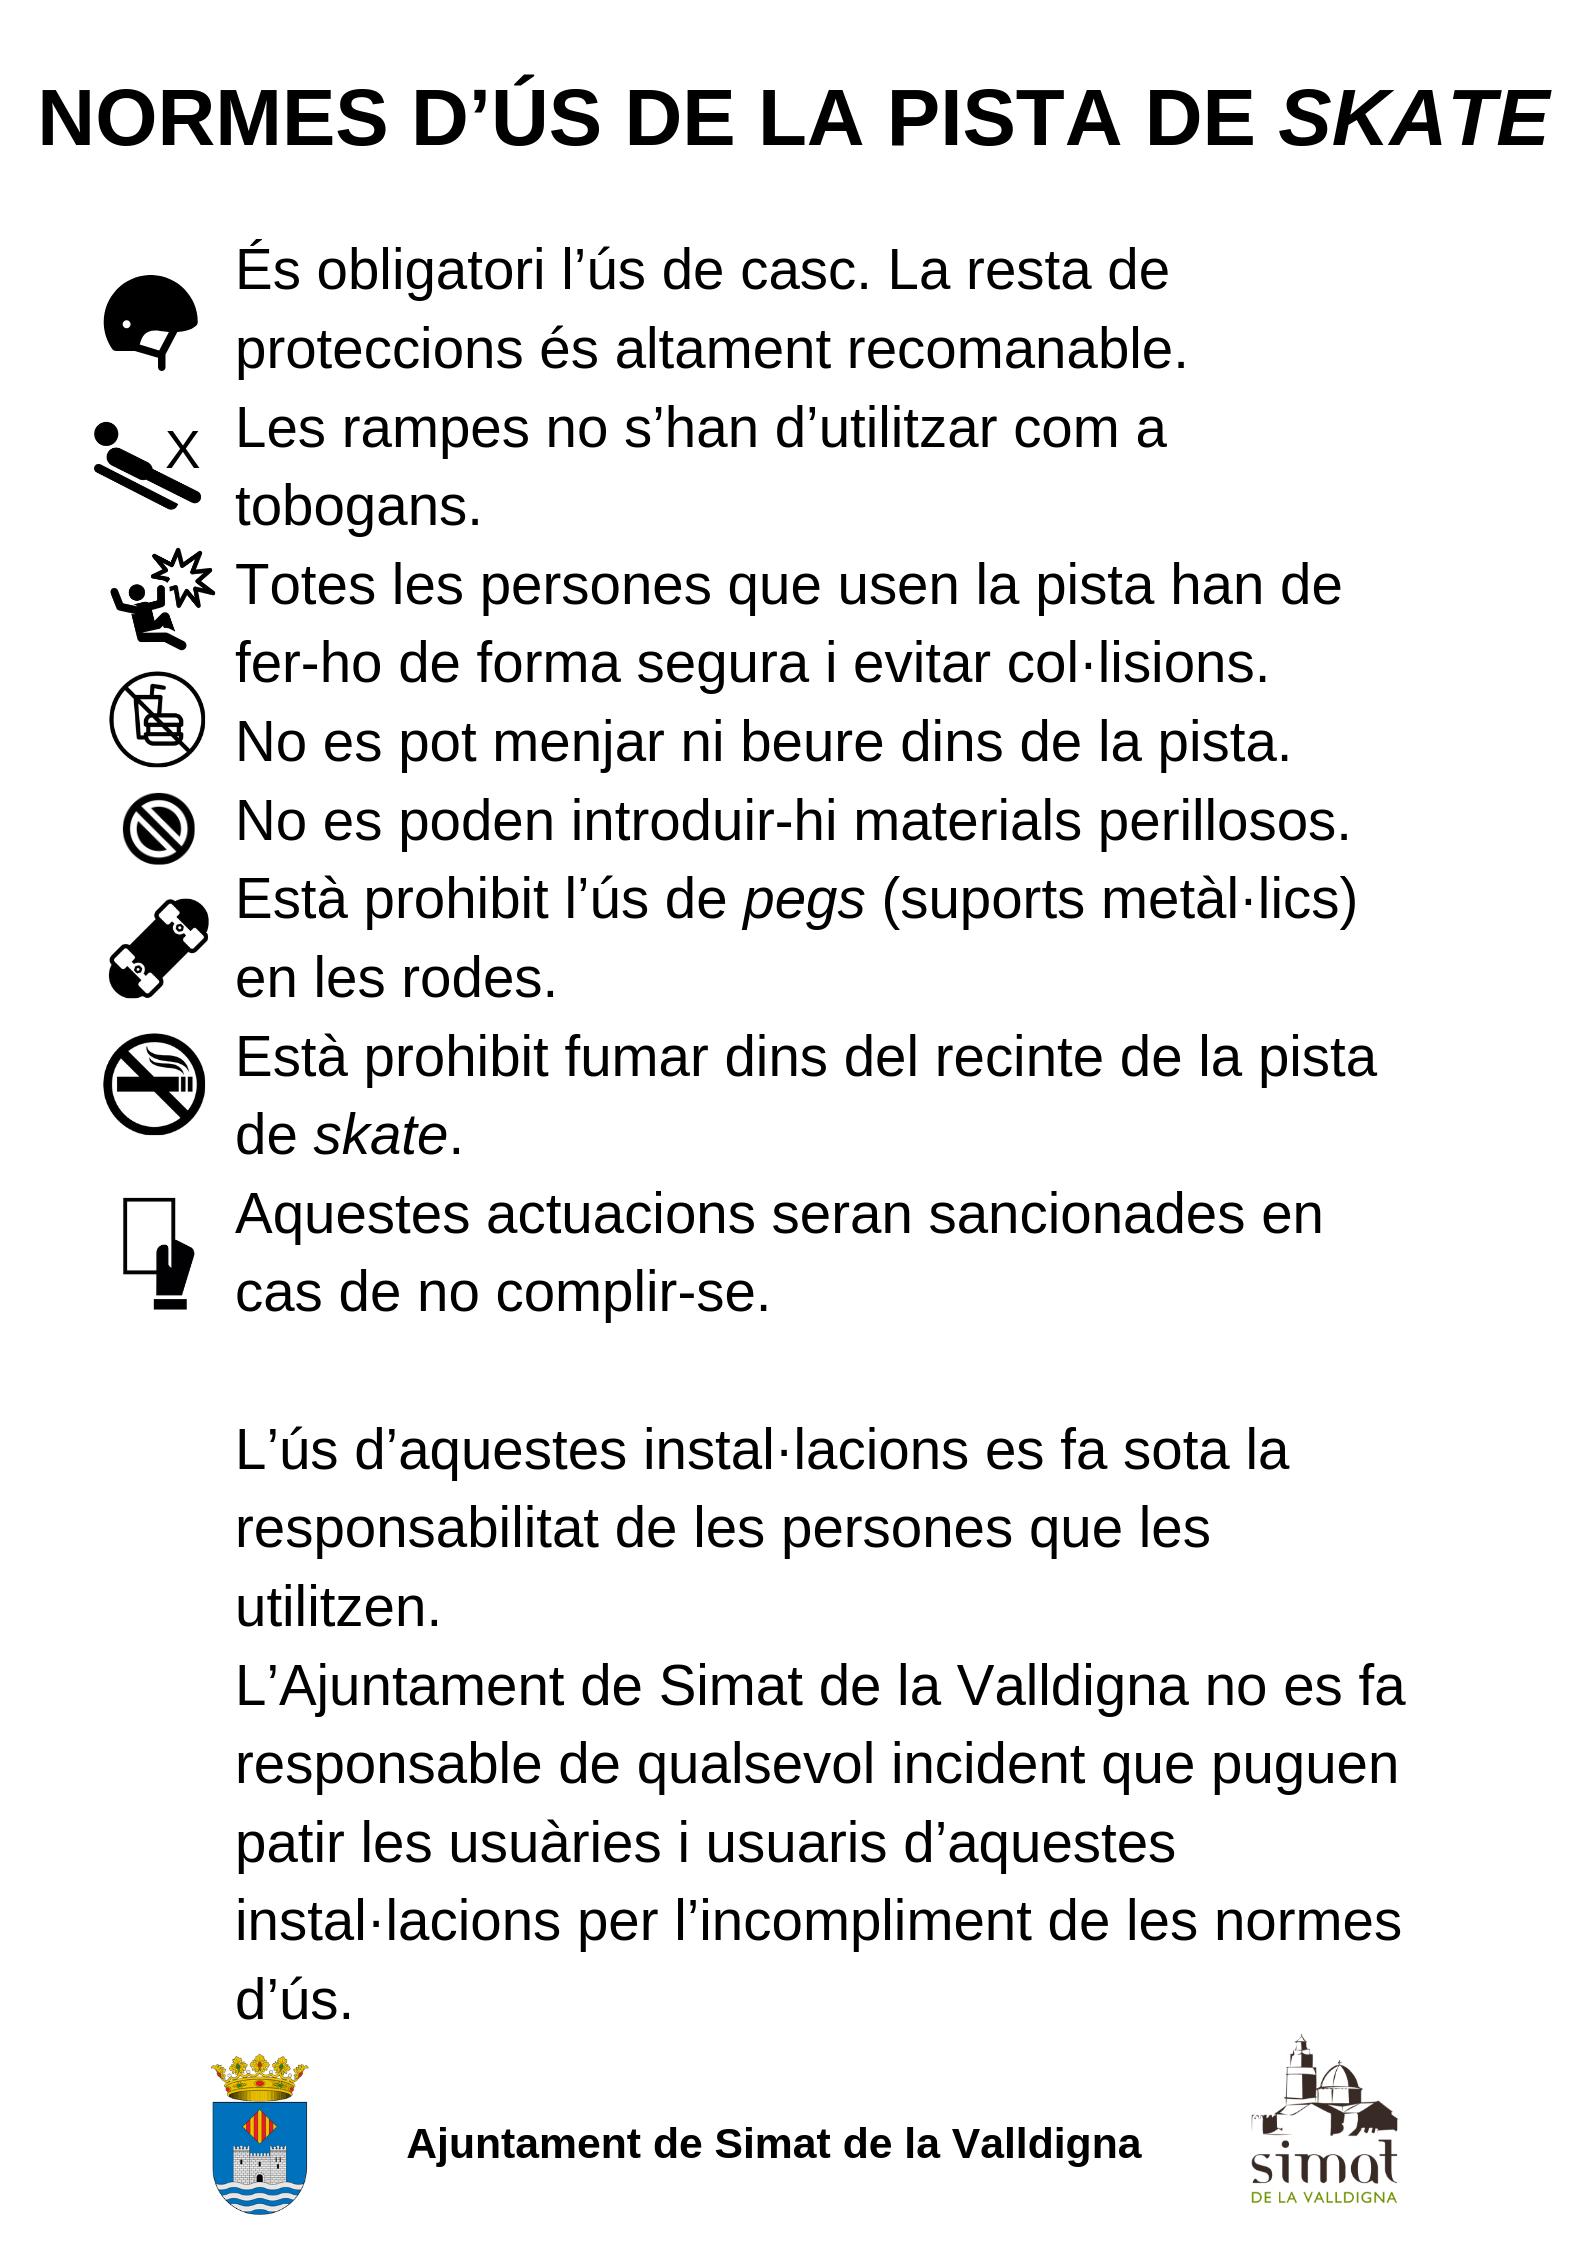 Copia_de_NORMES_DÚS_DE_LA_PISTA_DE_SKATE.png